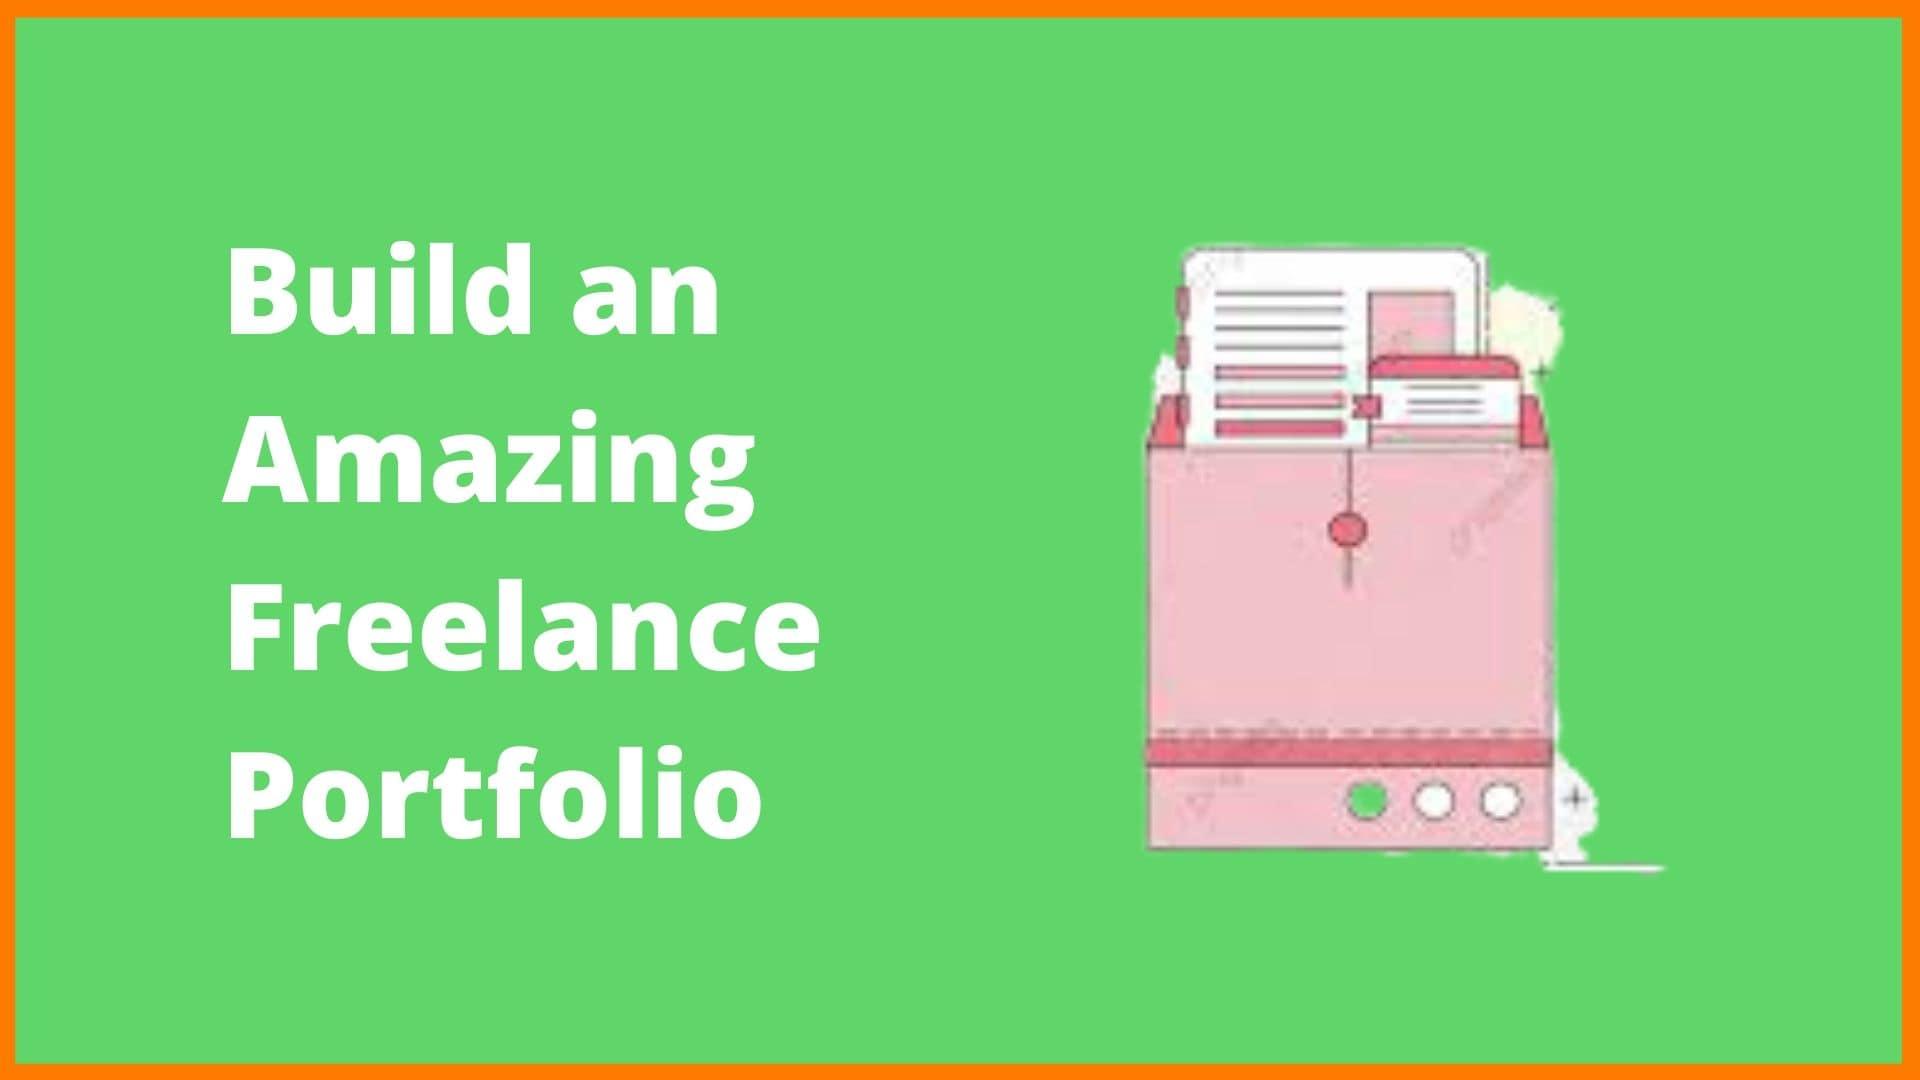 15 Tips To Build An Amazing Freelance Portfolio